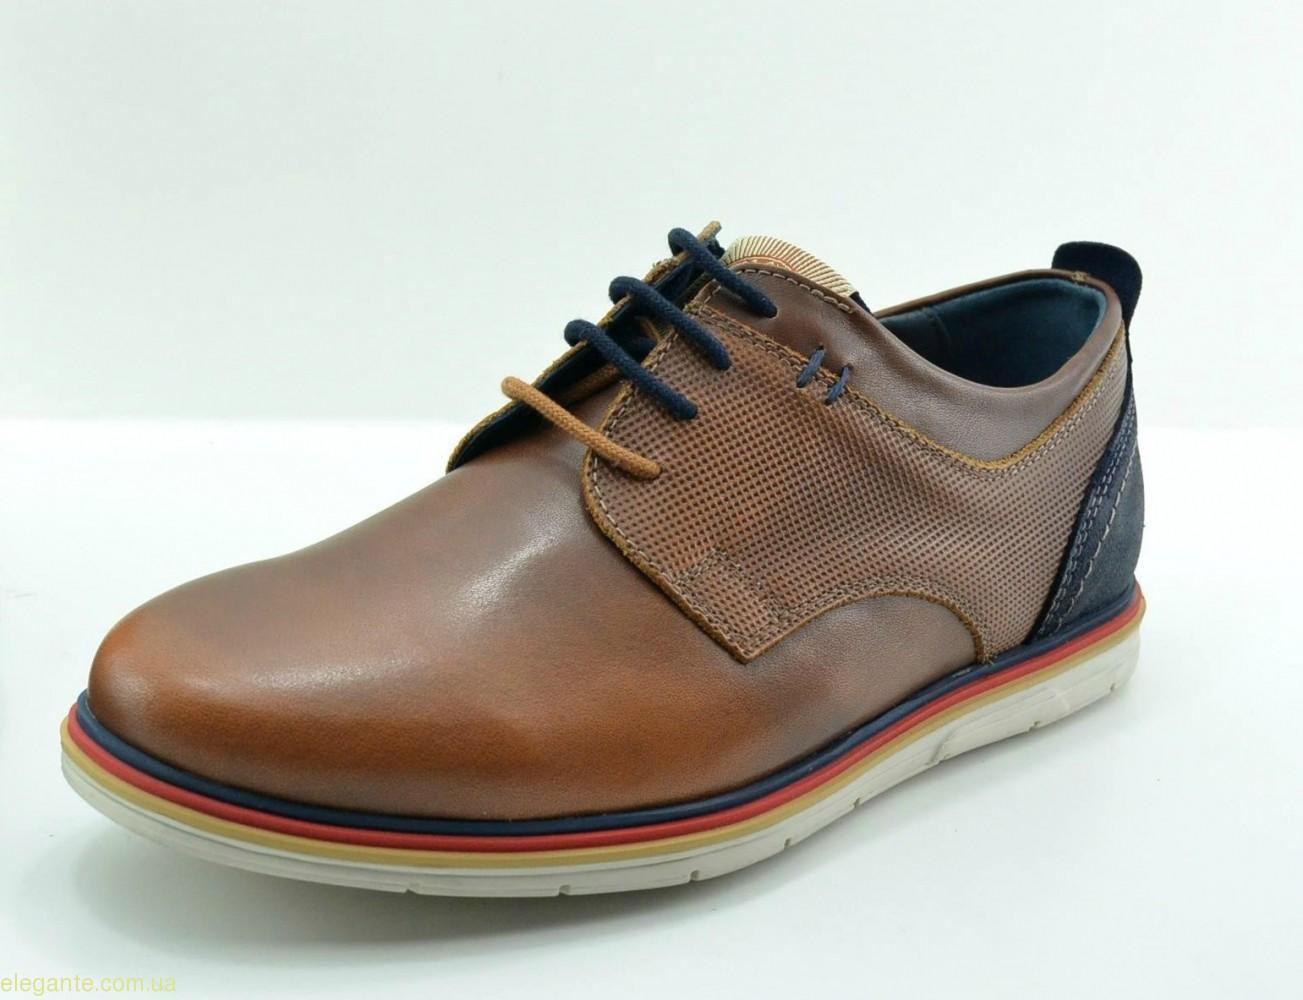 Чоловічі туфлі DJ SANTA3 коричневі 0